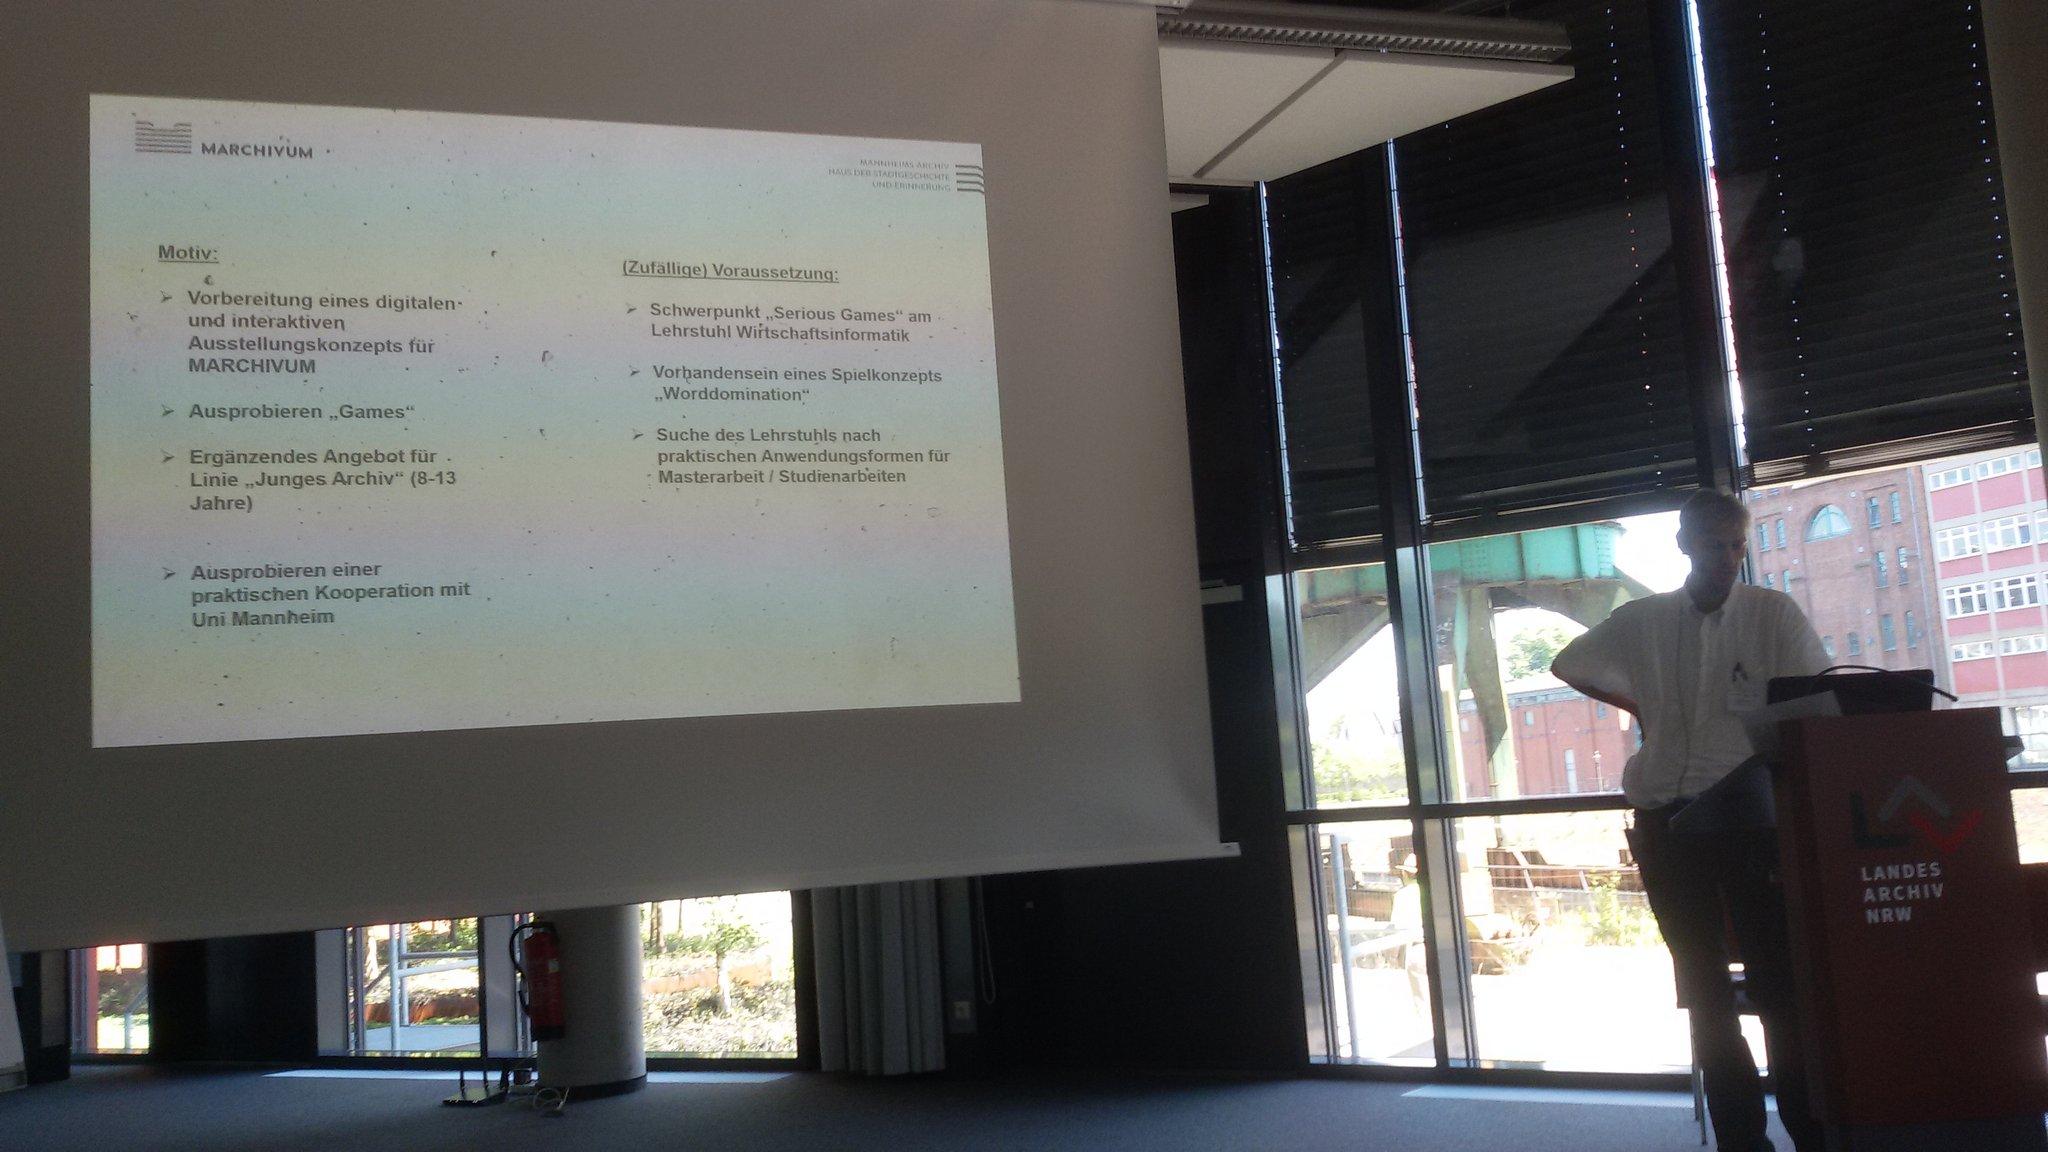 Gespannt auf die erste Sessionrunde beim #archivcamp - Mannheim im Jahr 1794 #archive20 https://t.co/v2UGAA9uk4